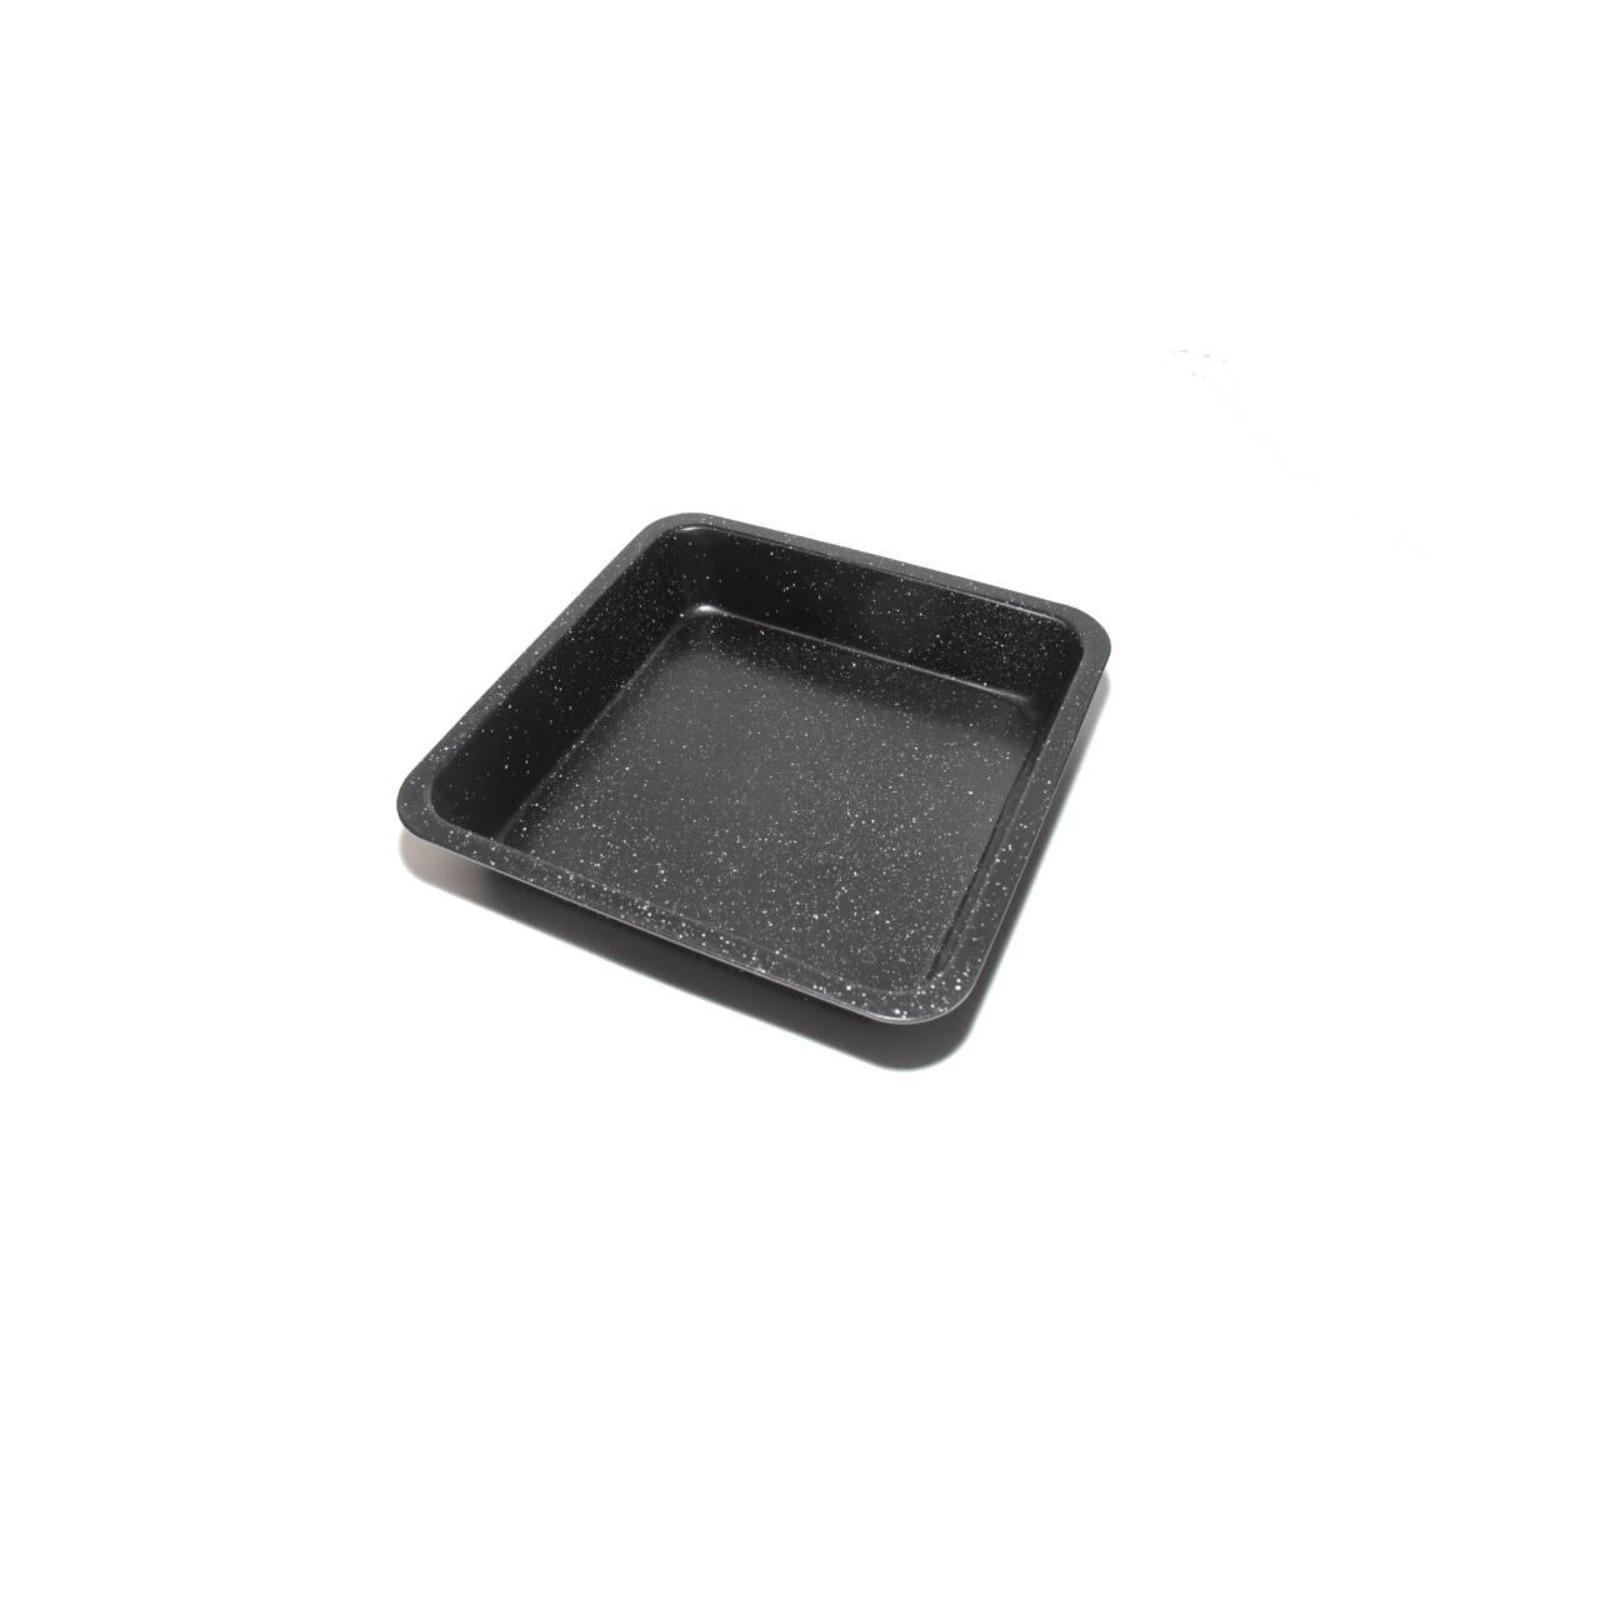 Classic black Premium square pan